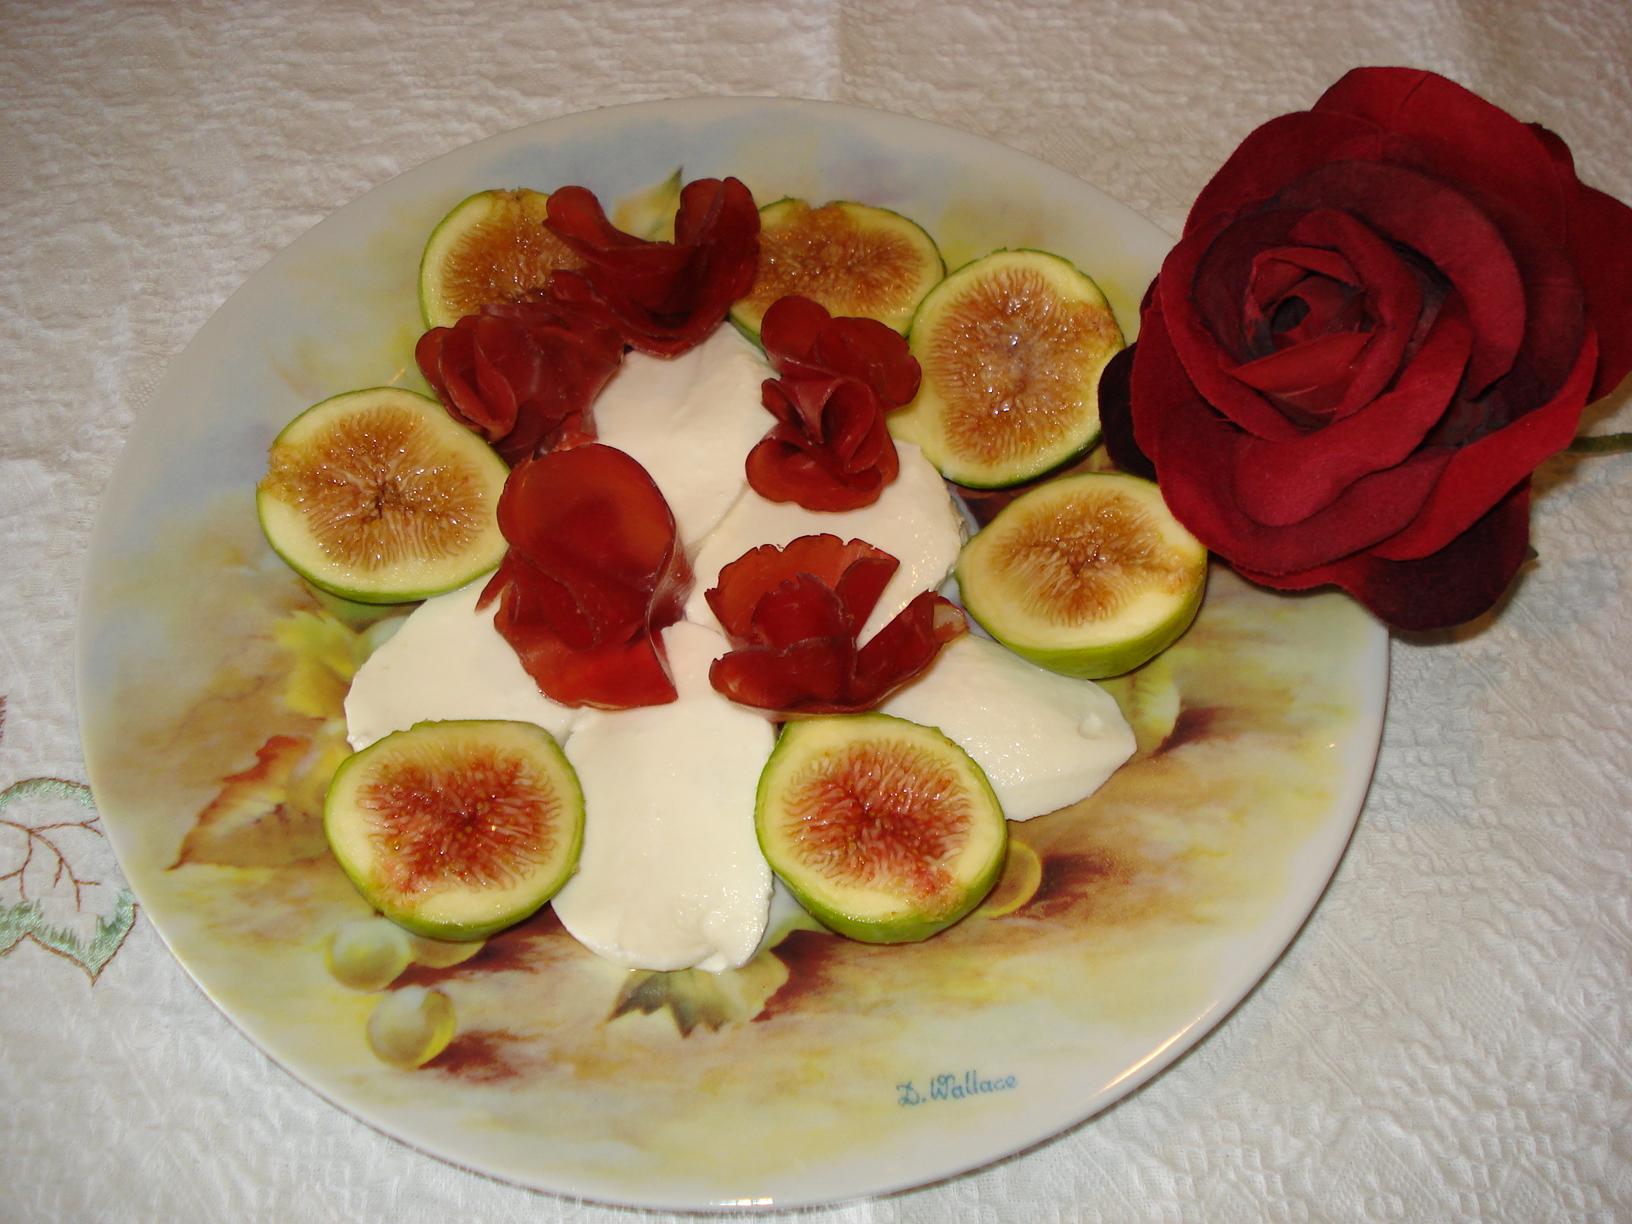 Mozzarella con Fichi e rose di Bresaola - Lussy il pranzo è servito